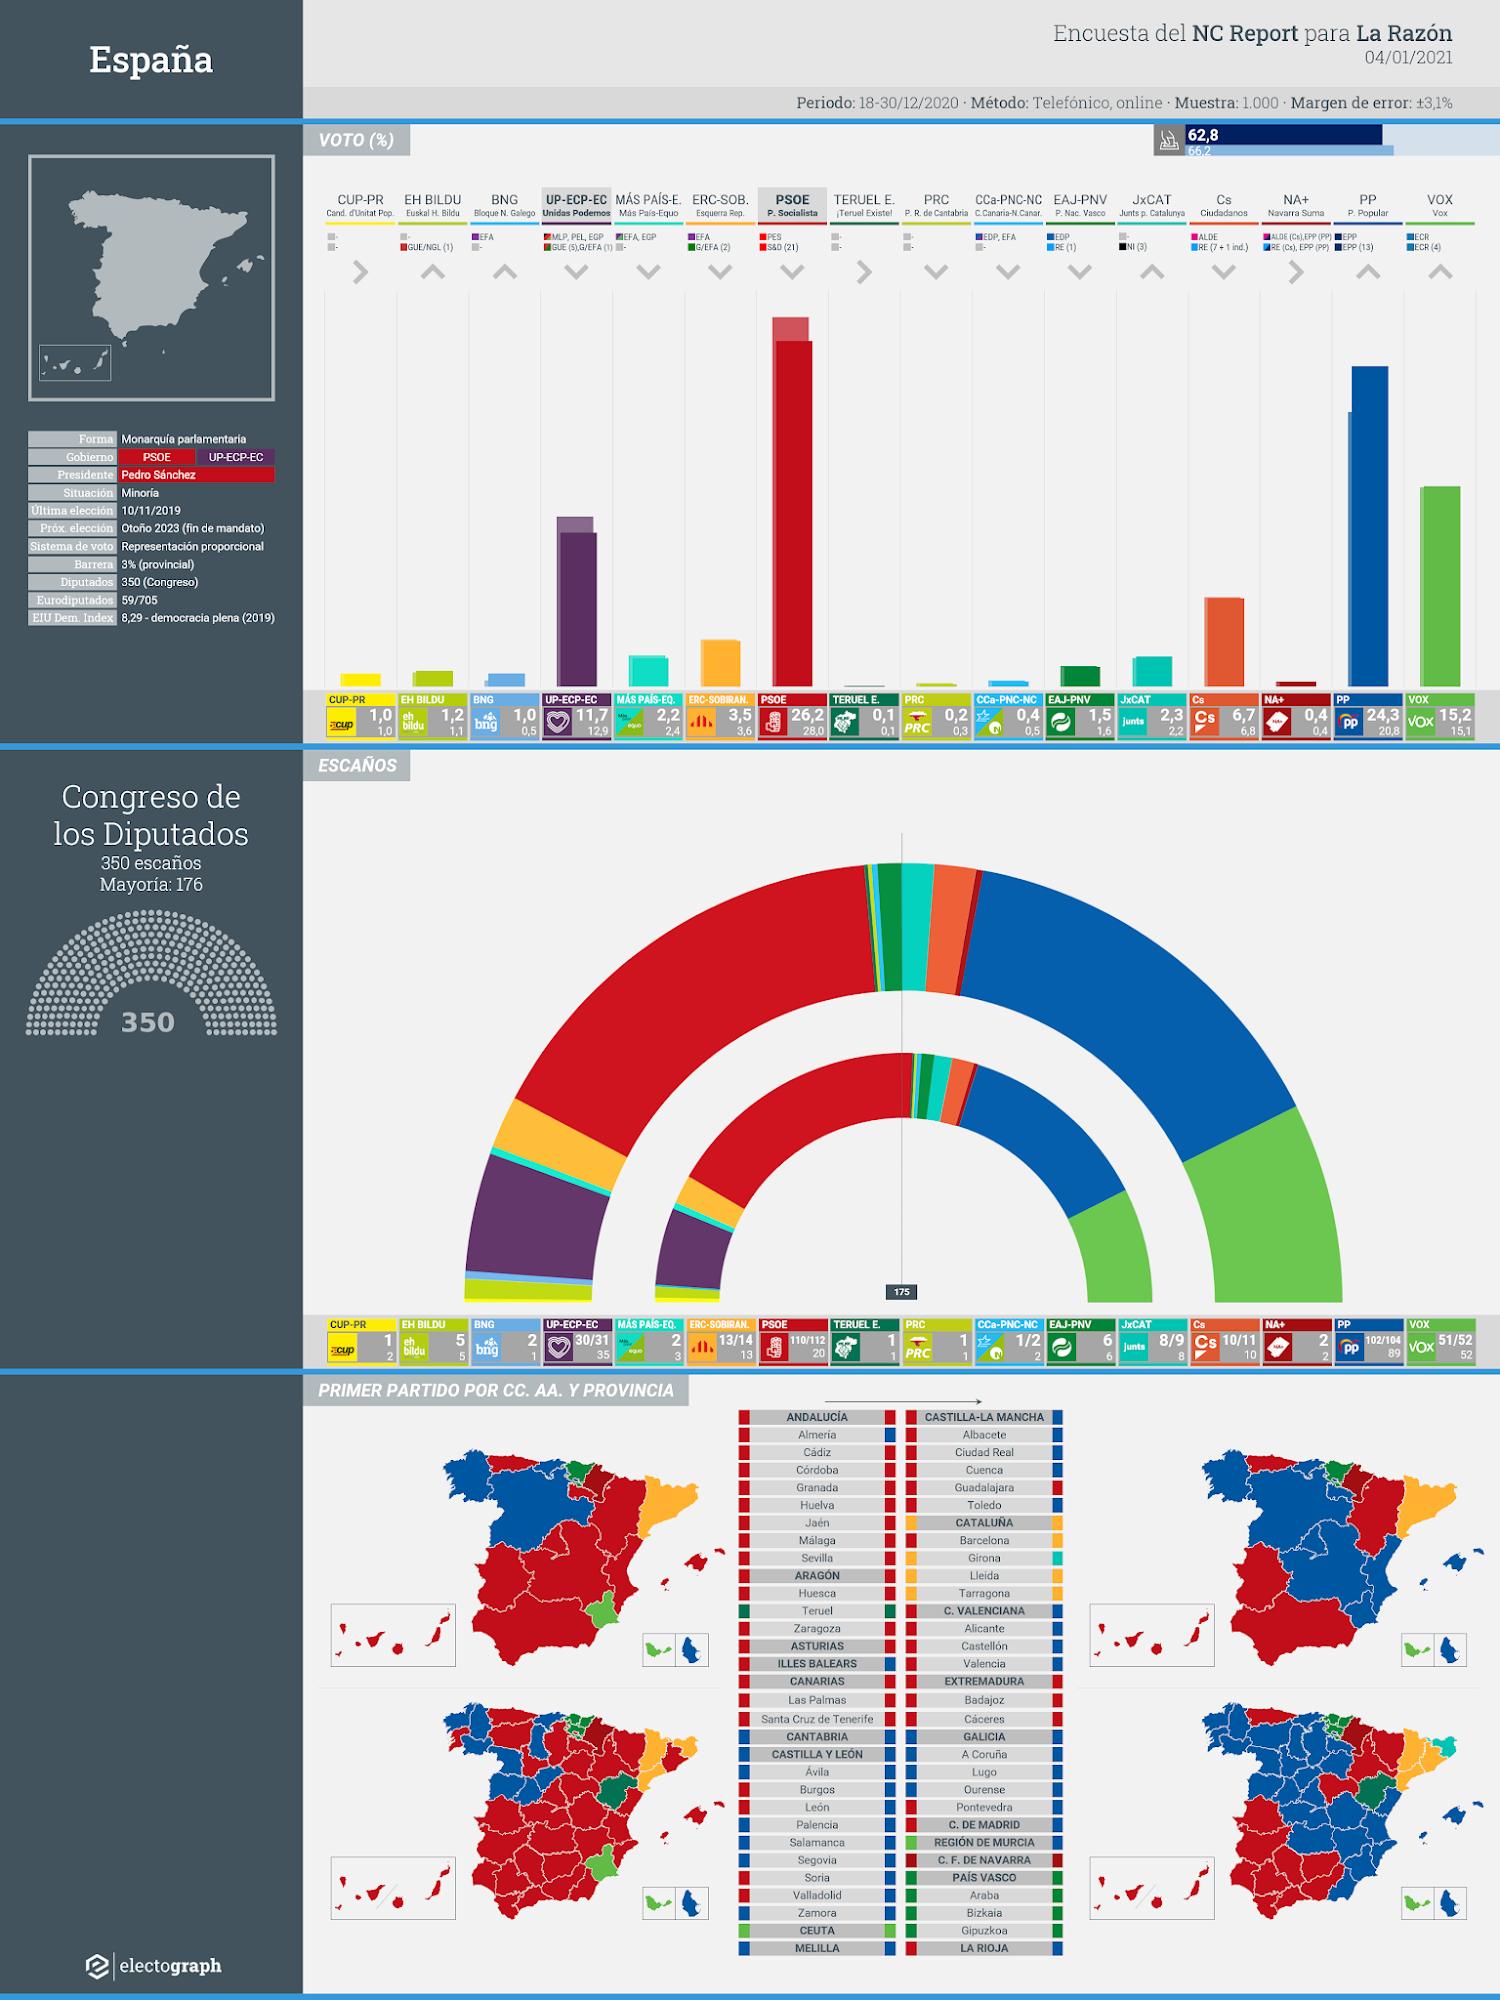 Gráfico de la encuesta para elecciones generales en España realizada por NC Report para La Razón, 4 de enero de 2021